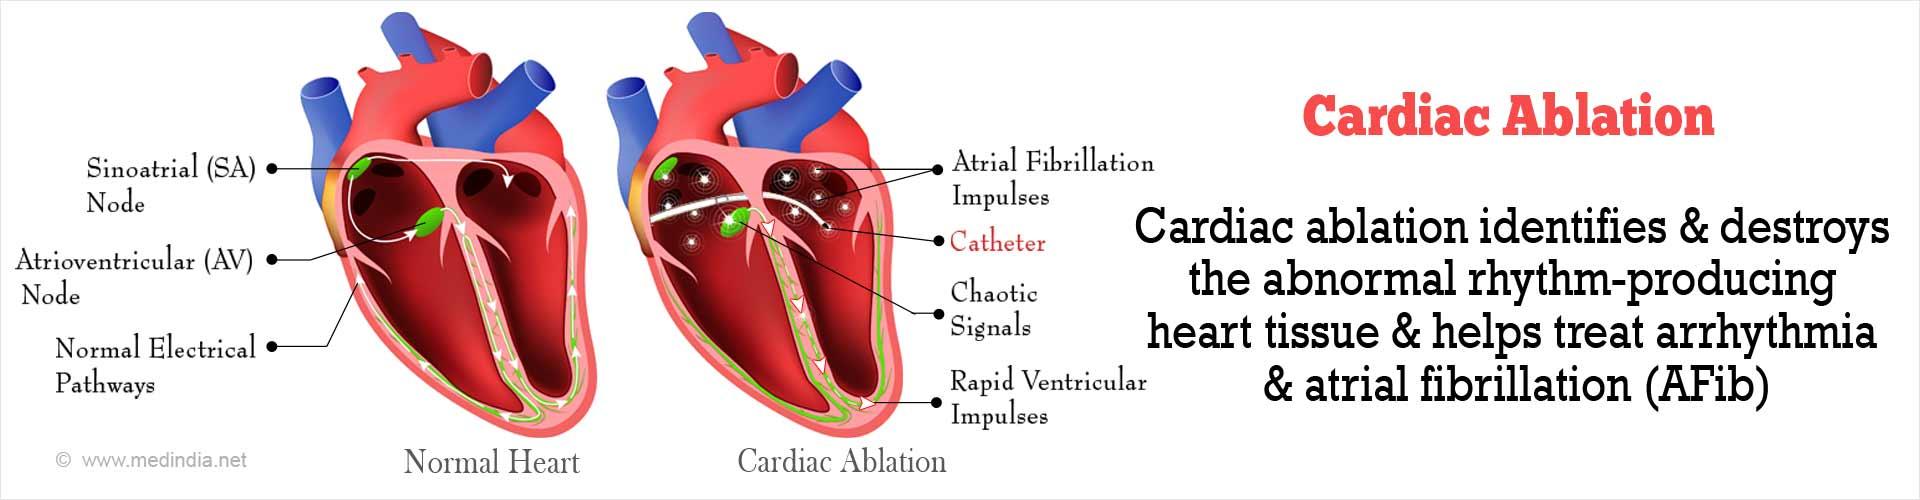 Cardiac Ablation